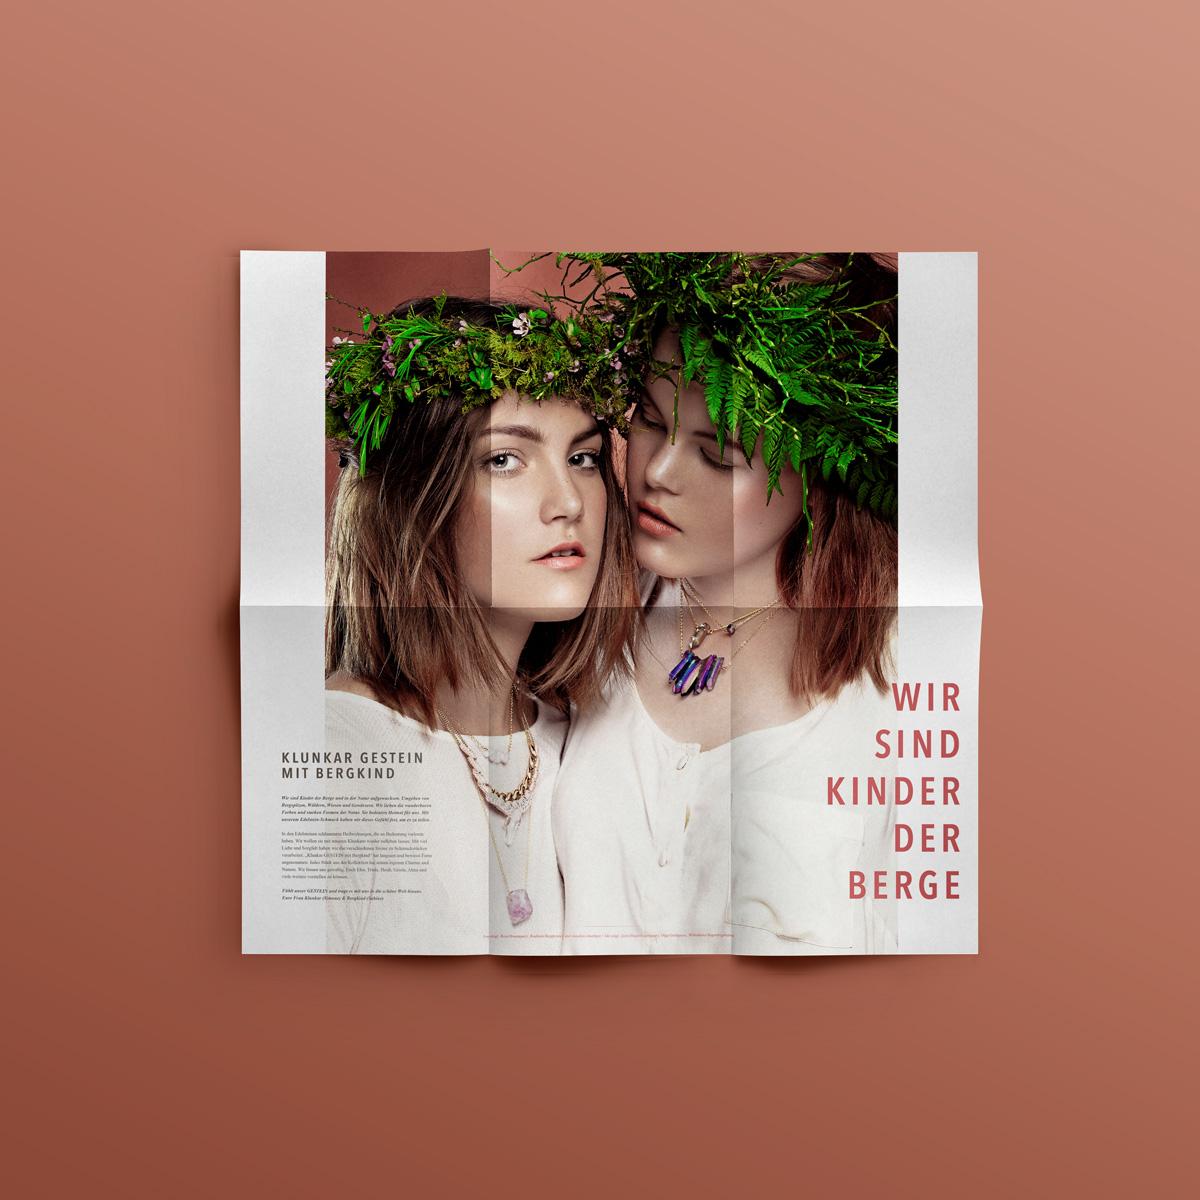 Klunkar Gestein mit Bergkind. Folderdesign von Sabine Schwald.